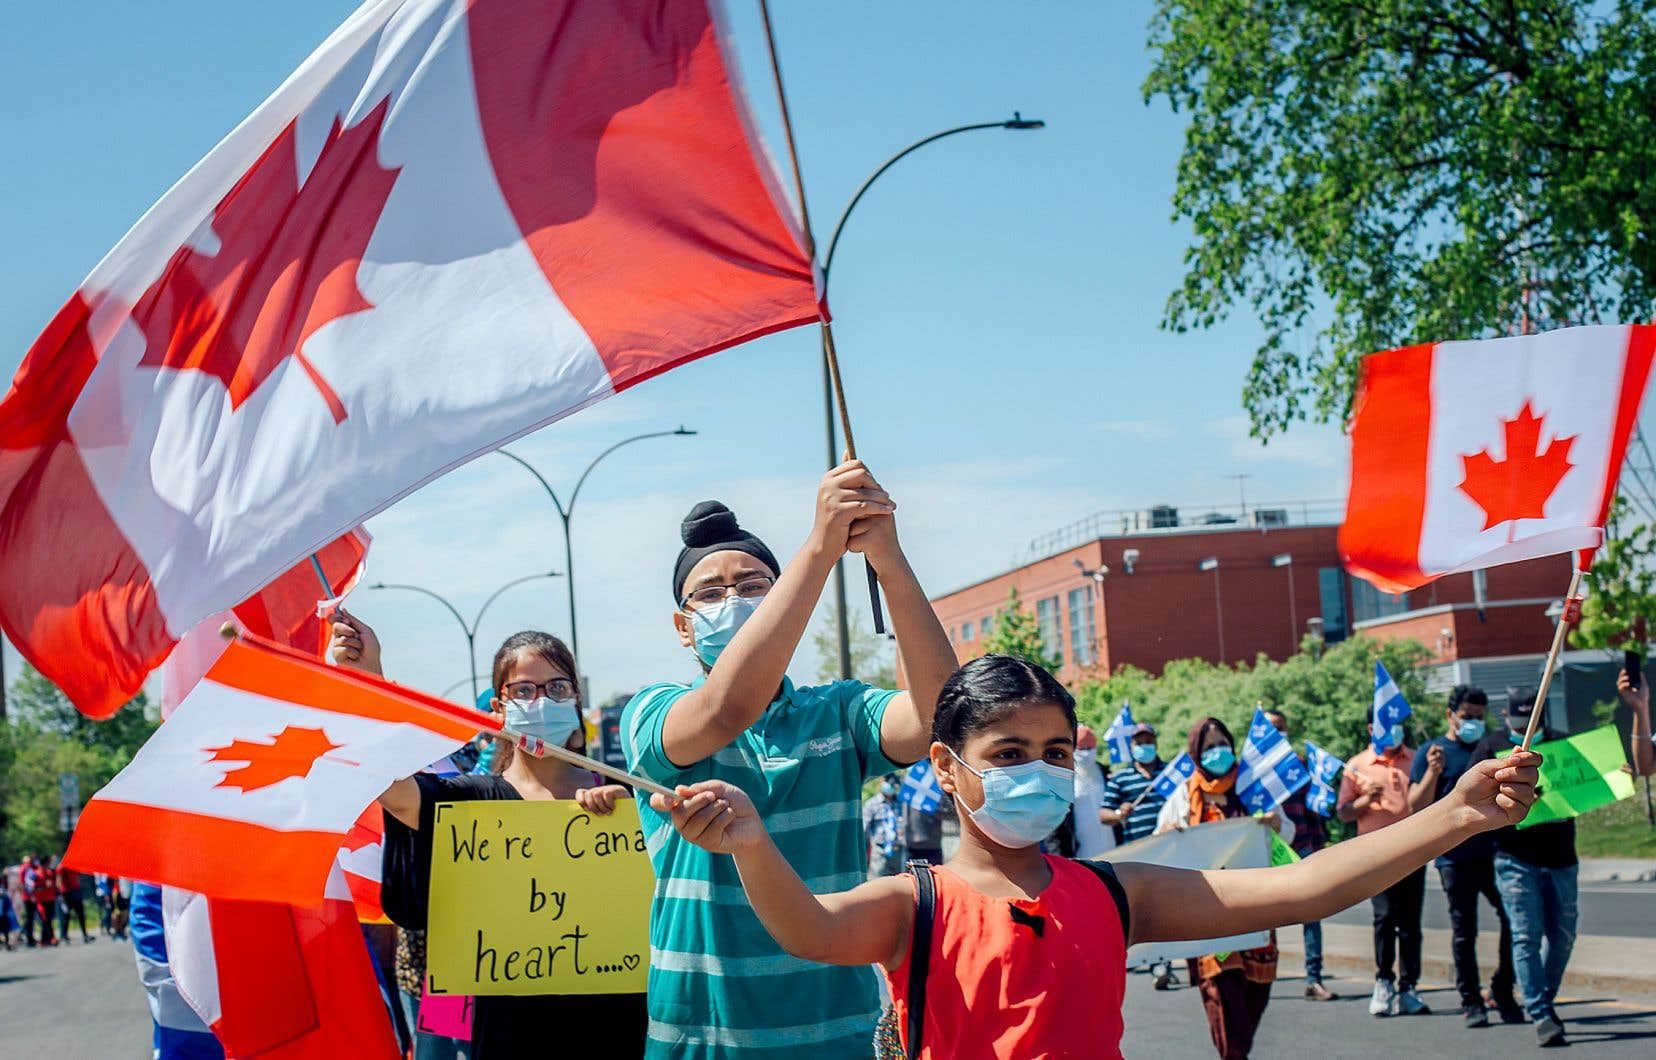 Dimanche, dans le quartier Villeray, les organismes Afrique au féminin et United Refugees Council Canada ont réclamé des gouvernements un plan d'immigration «pour inclure tout le monde».